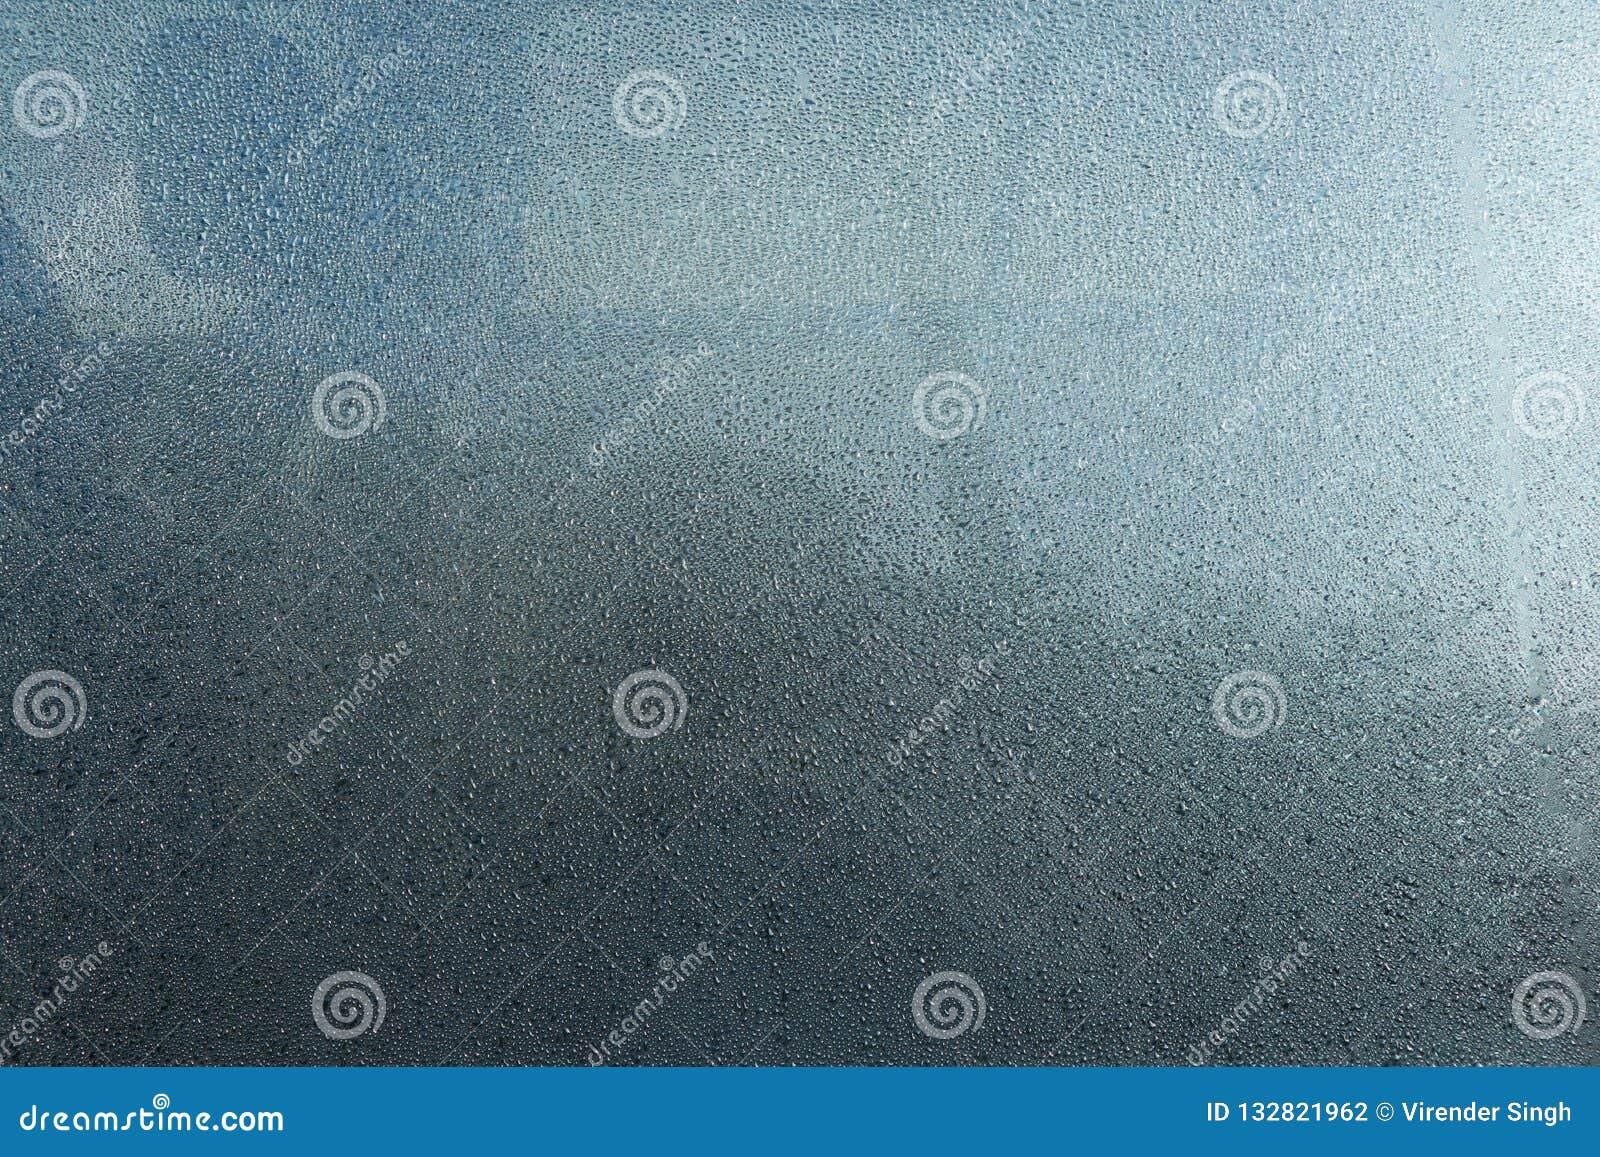 Dimma på bilfönsterexponeringsglas, dimmatextur och bakgrund